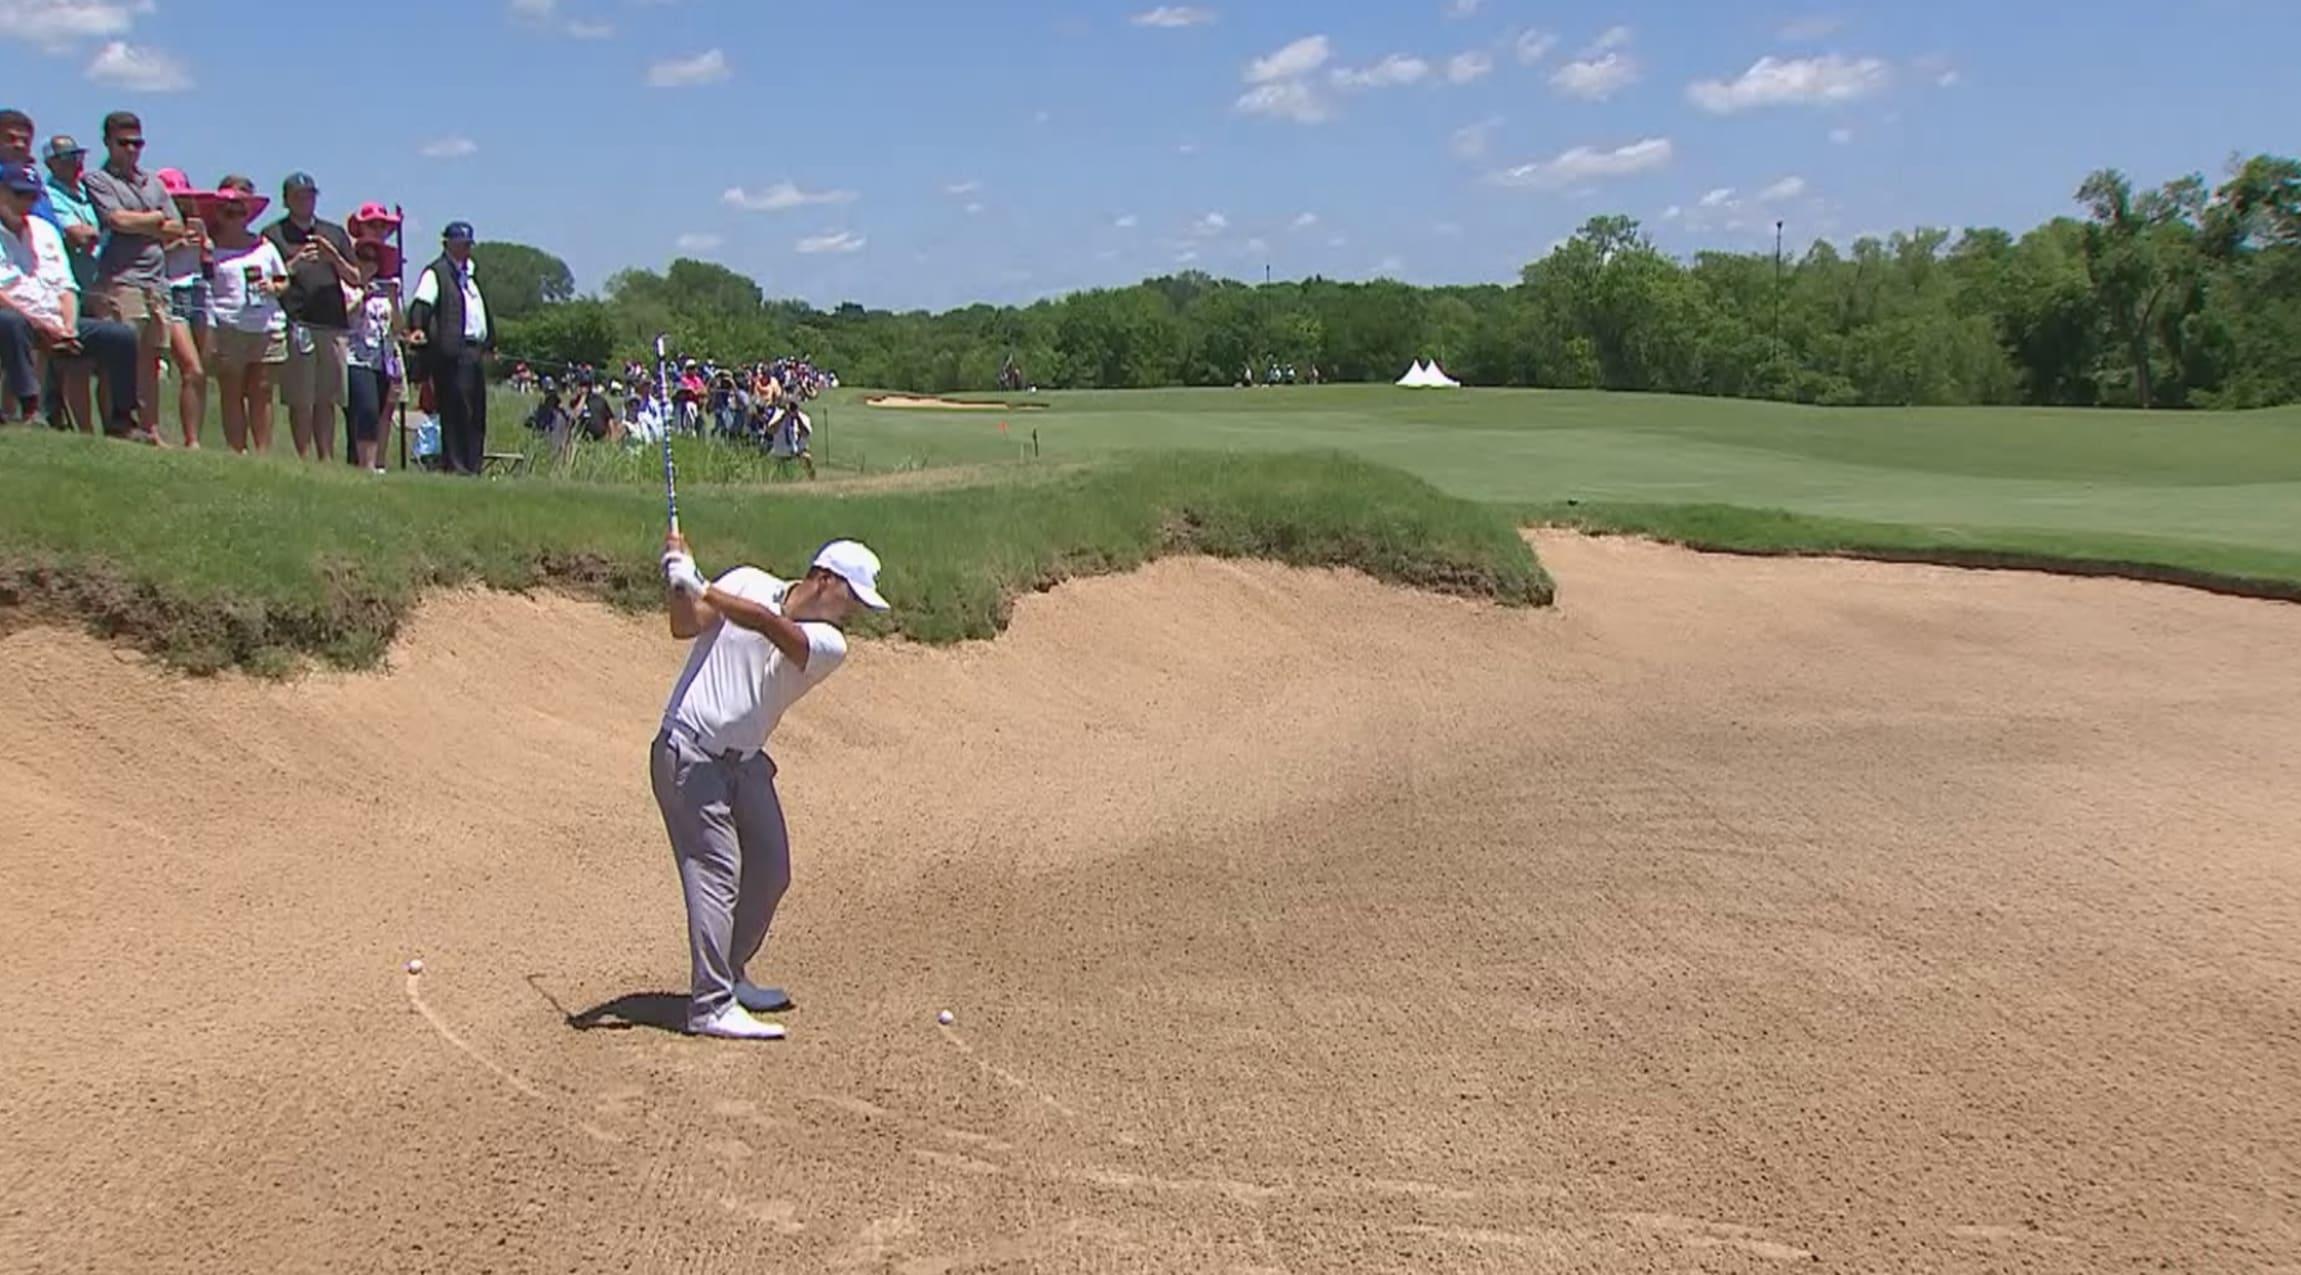 Sung Kang PGA TOUR Profile - News, Stats, and Videos